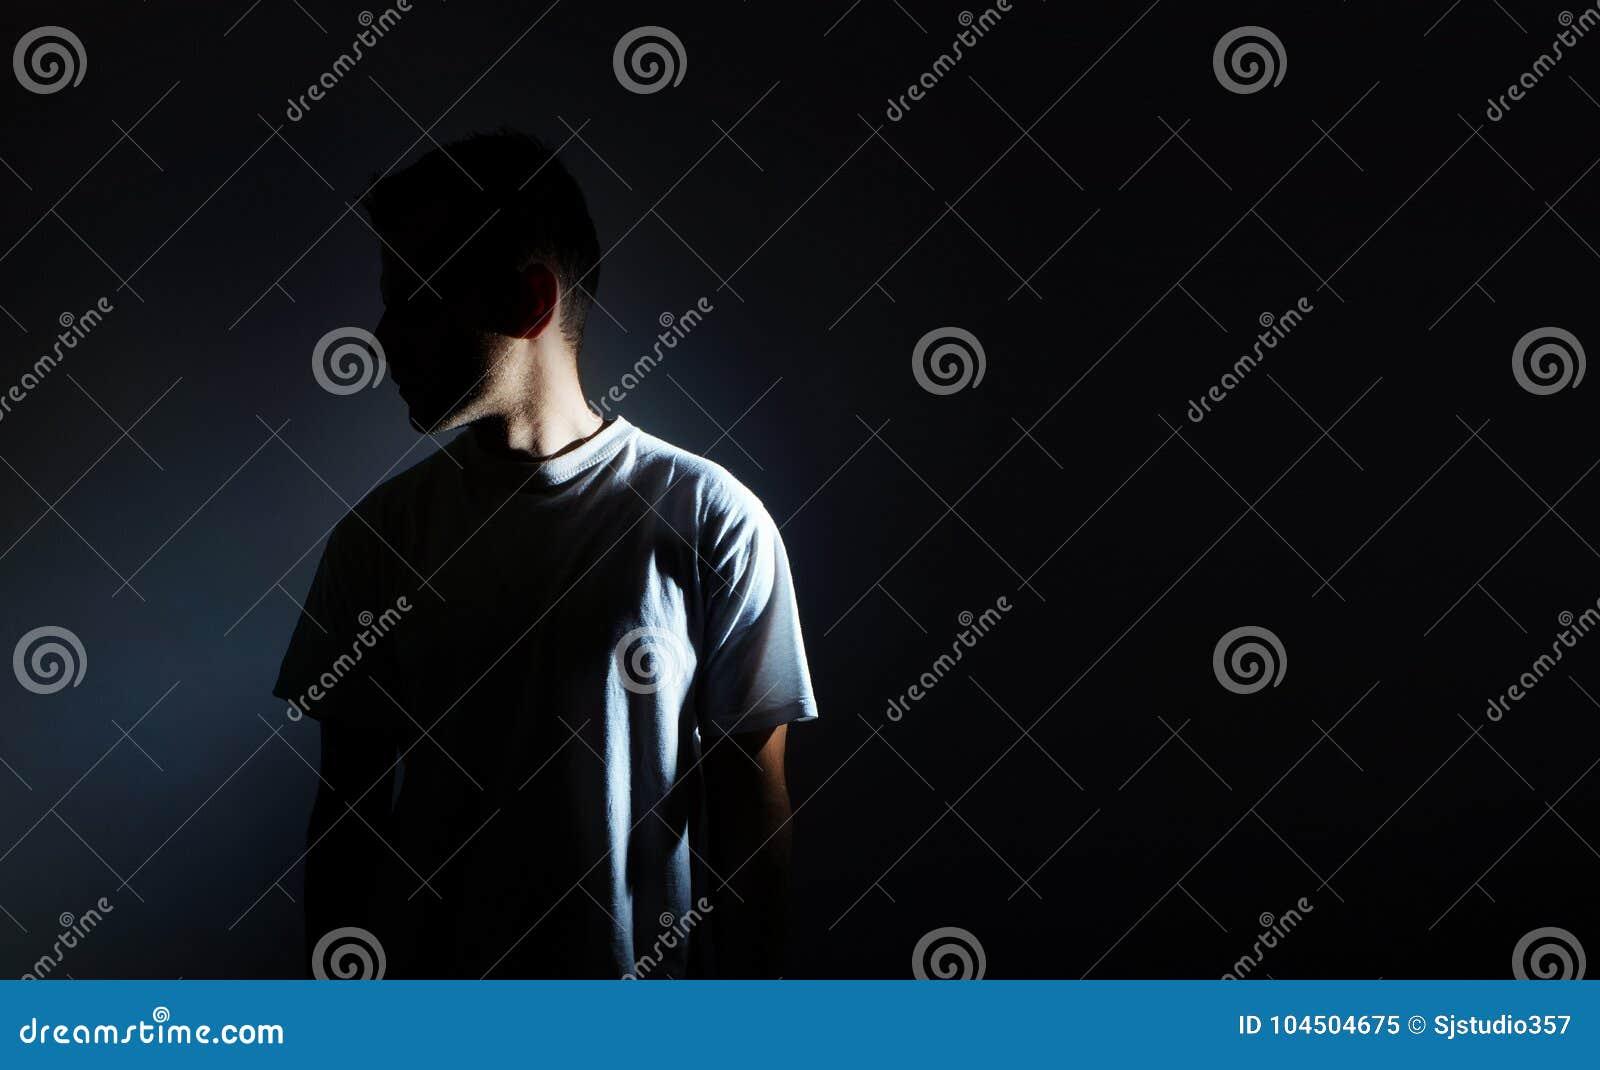 Silueta del hombre en el fondo negro, retrato oscuro, perfil, depresión masculina